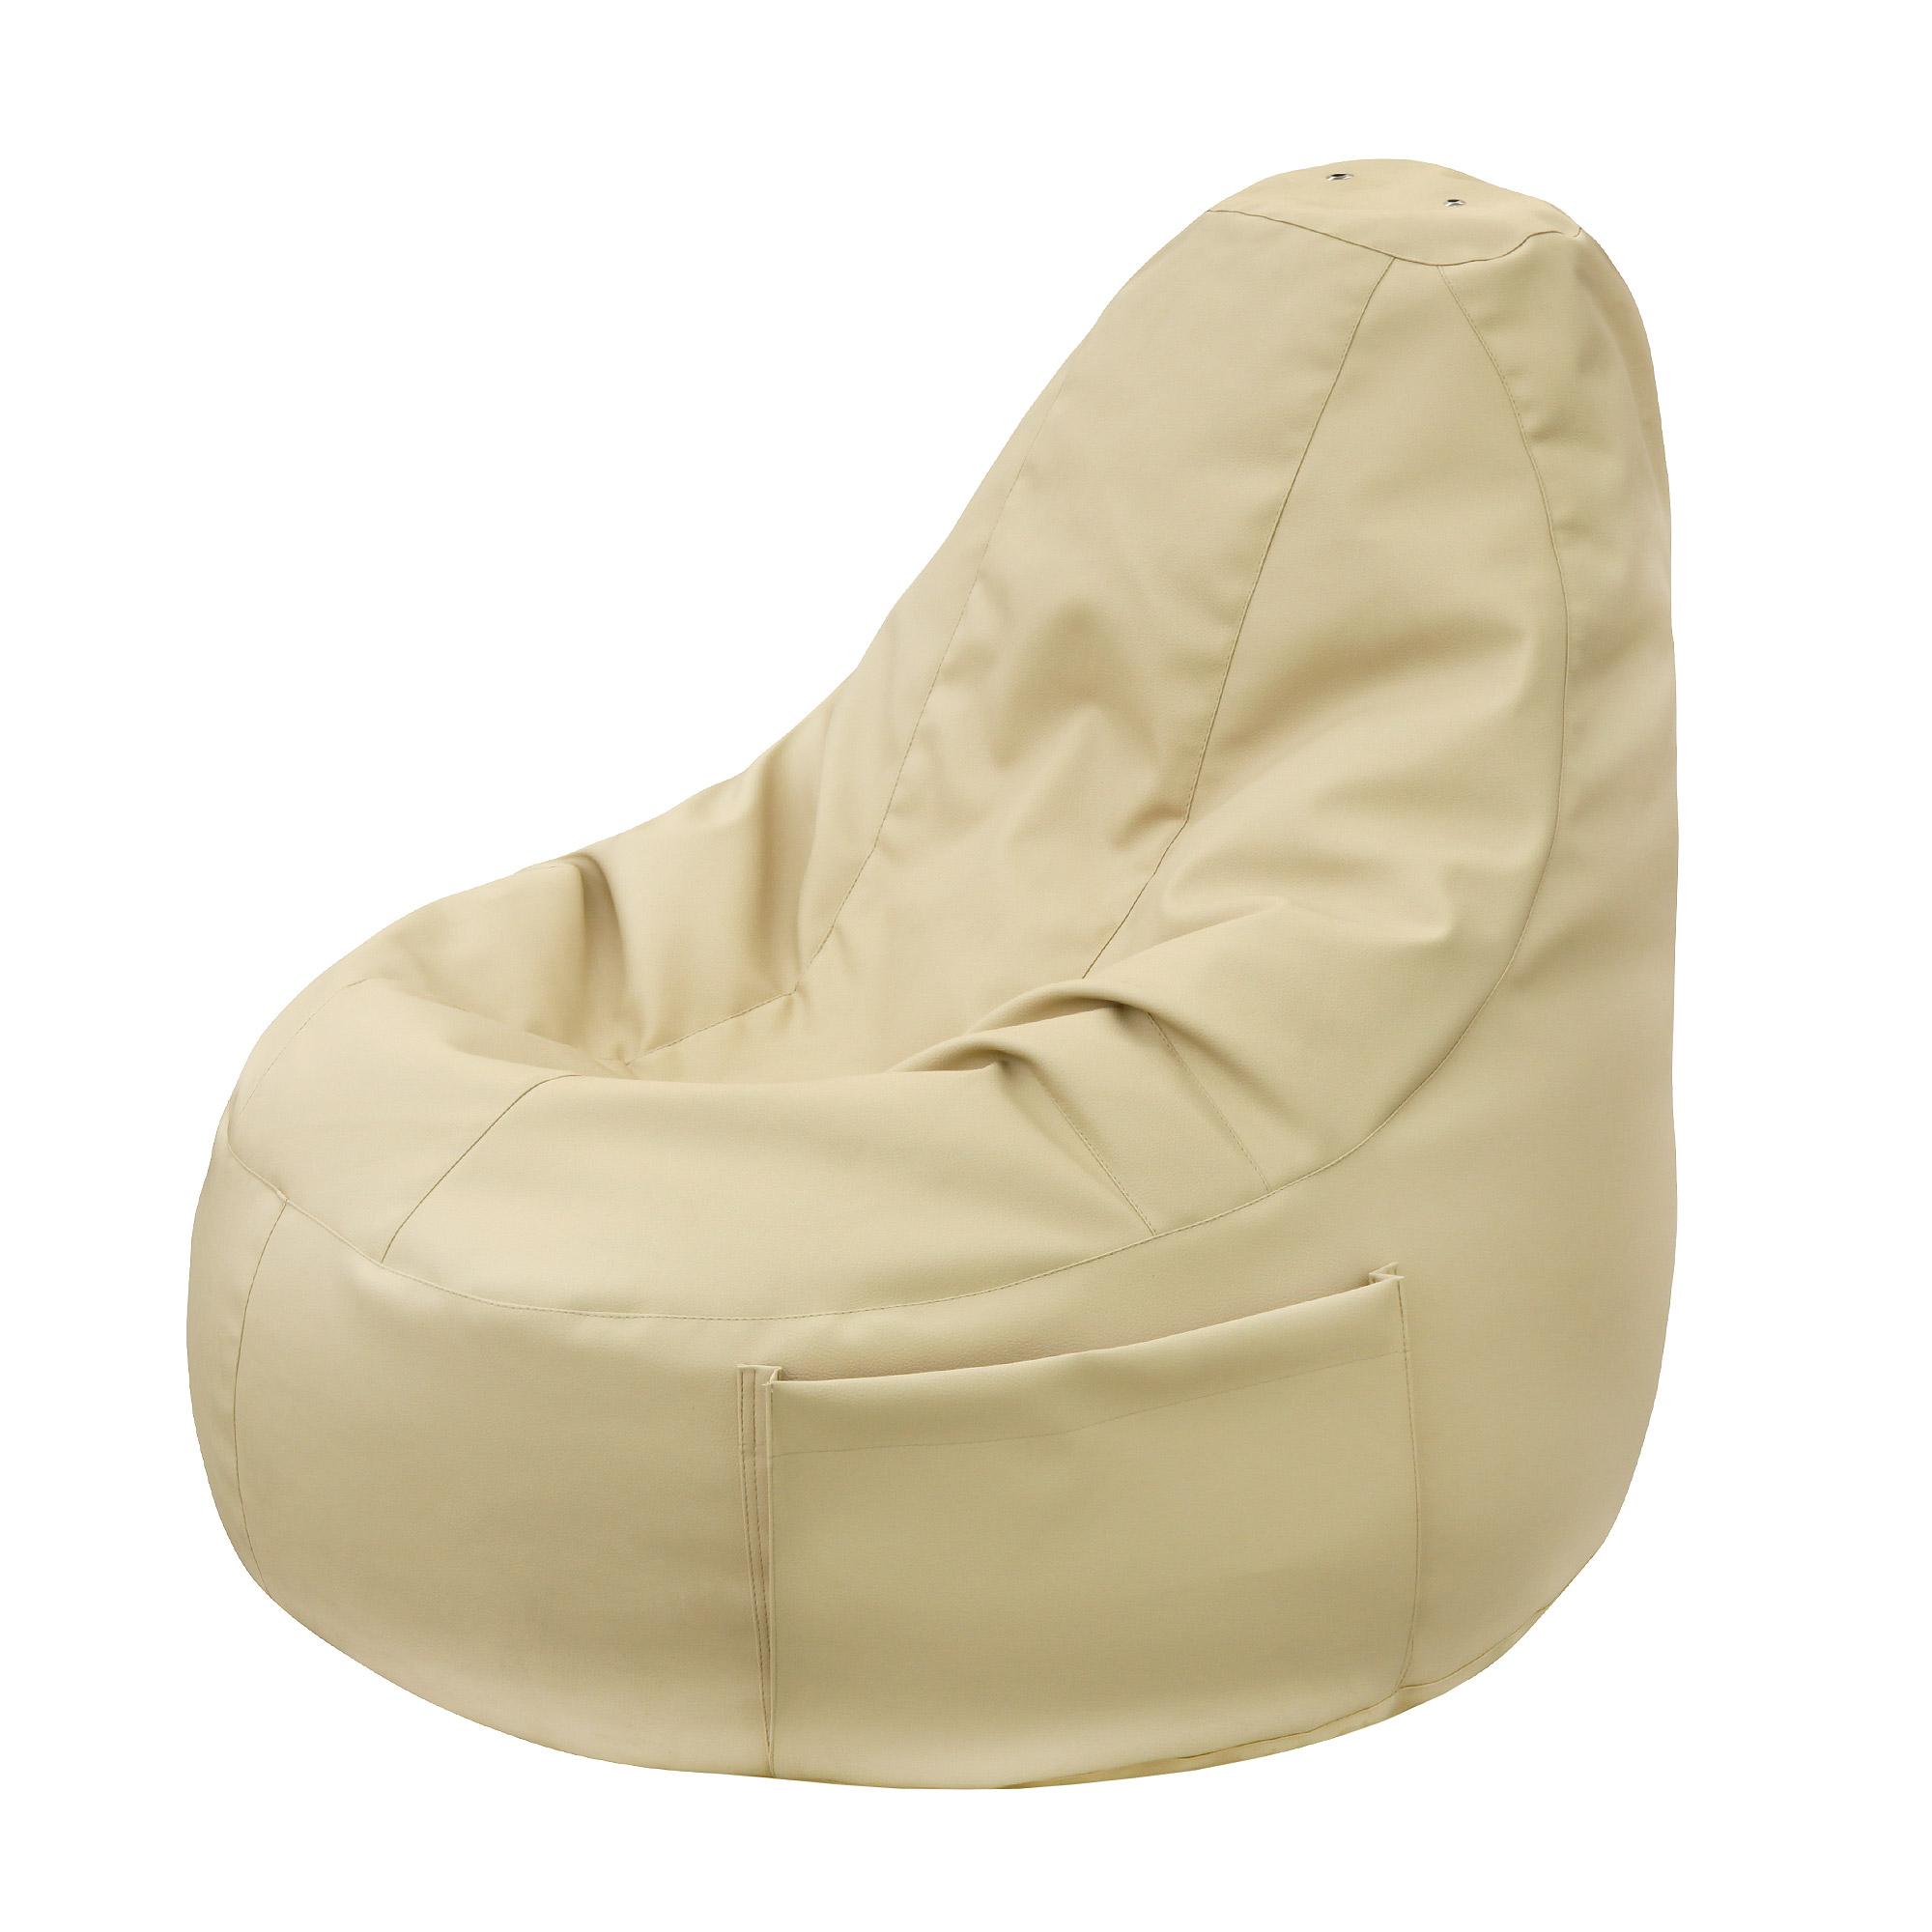 Кресло-мешок Dreambag comfort creme экокожа фото